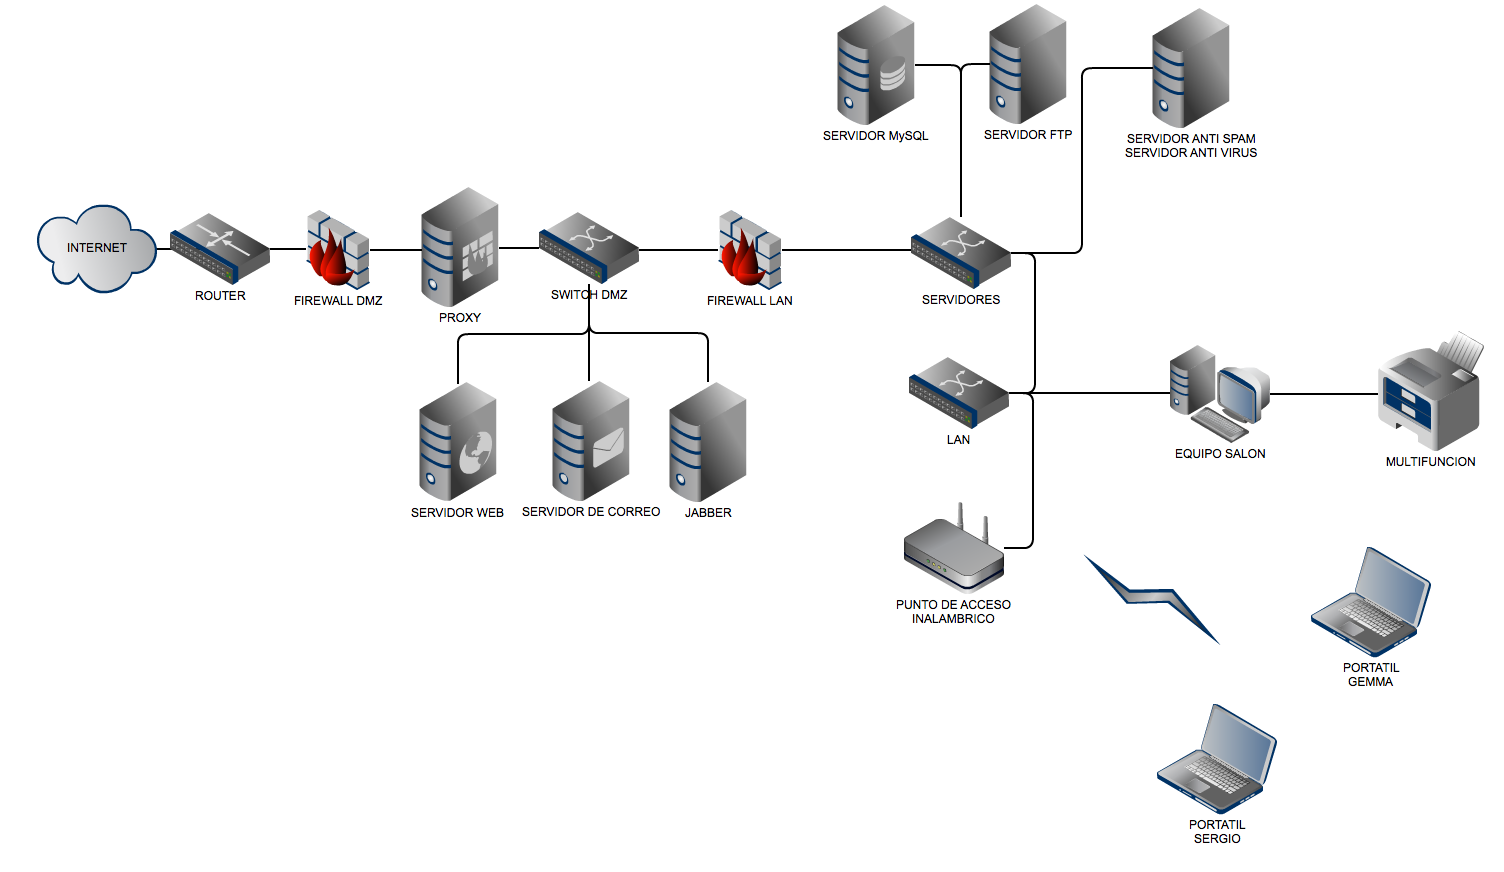 Rediseño de redes a redes seguras